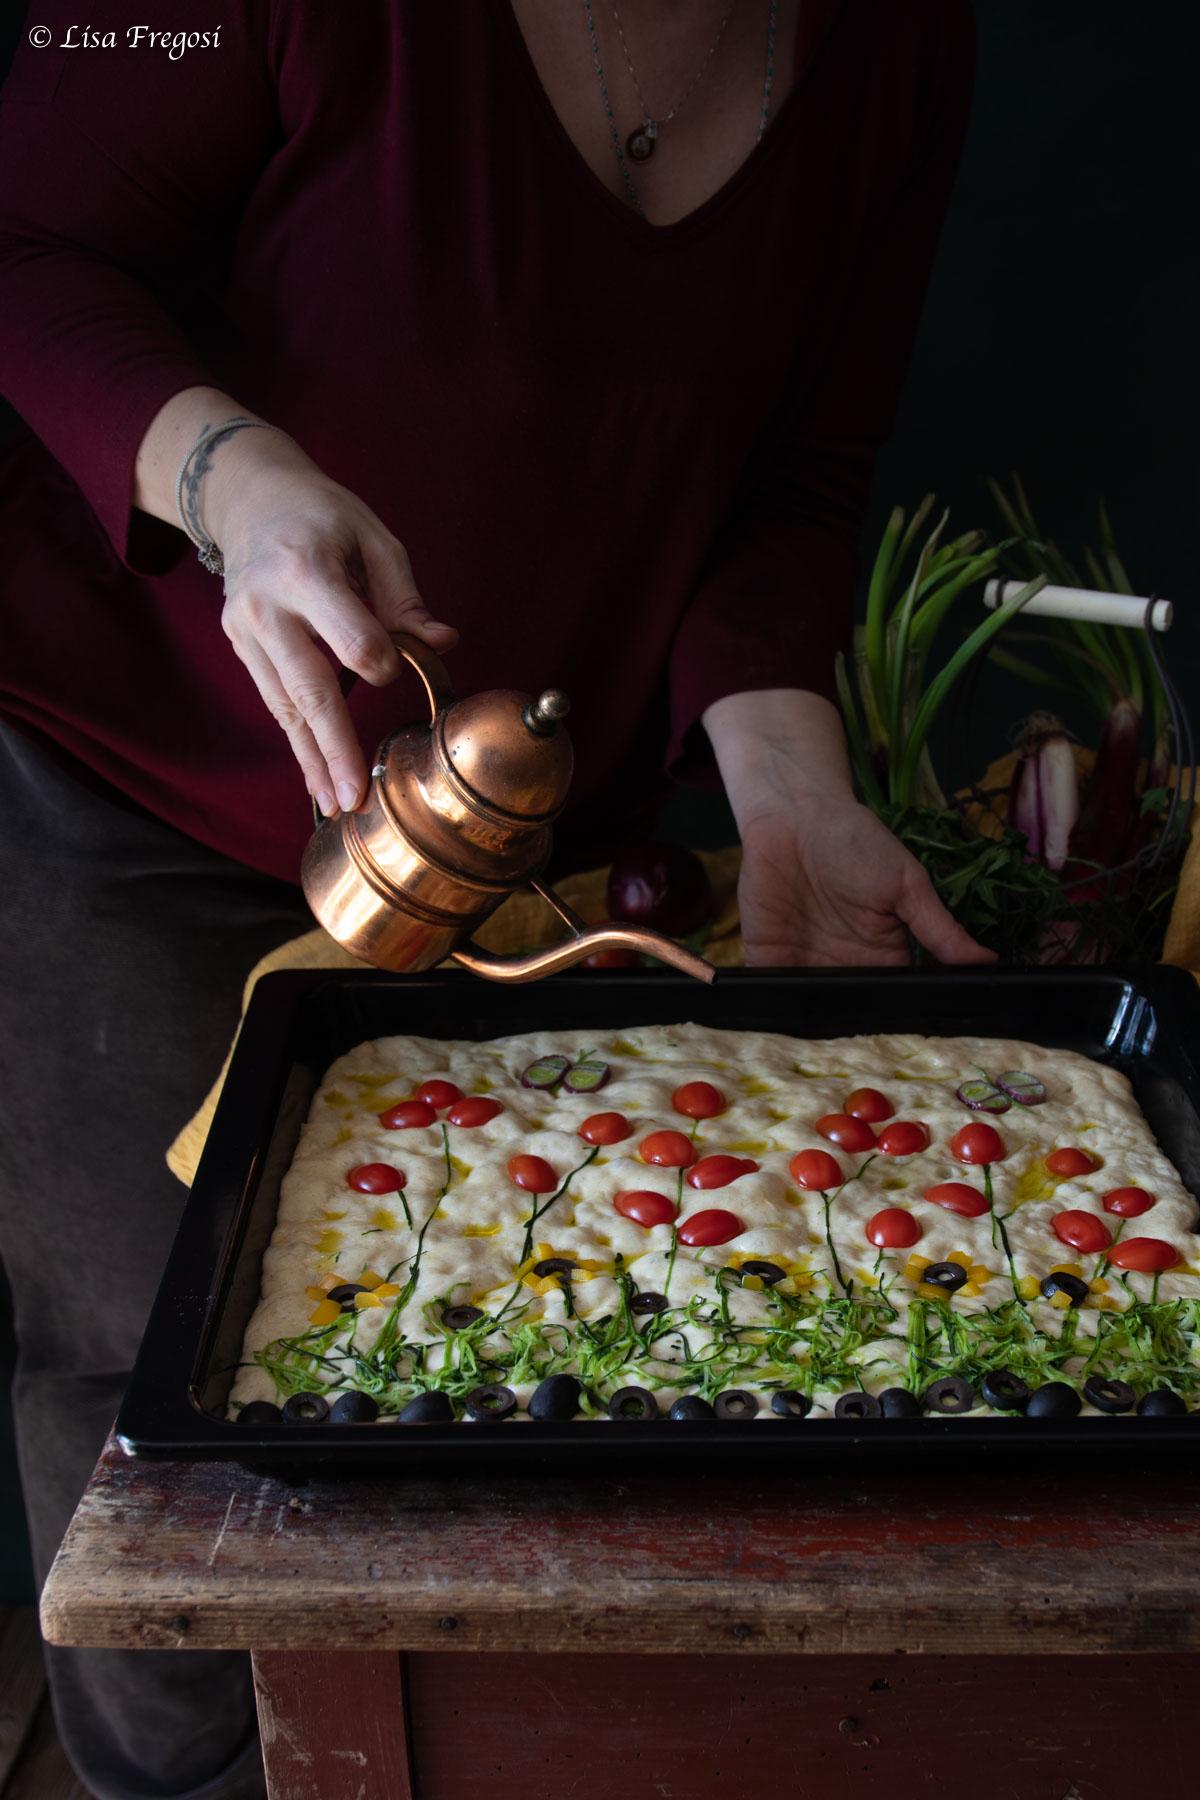 focaccia giardino o focaccia primavera, la Garden Focaccia ricetta